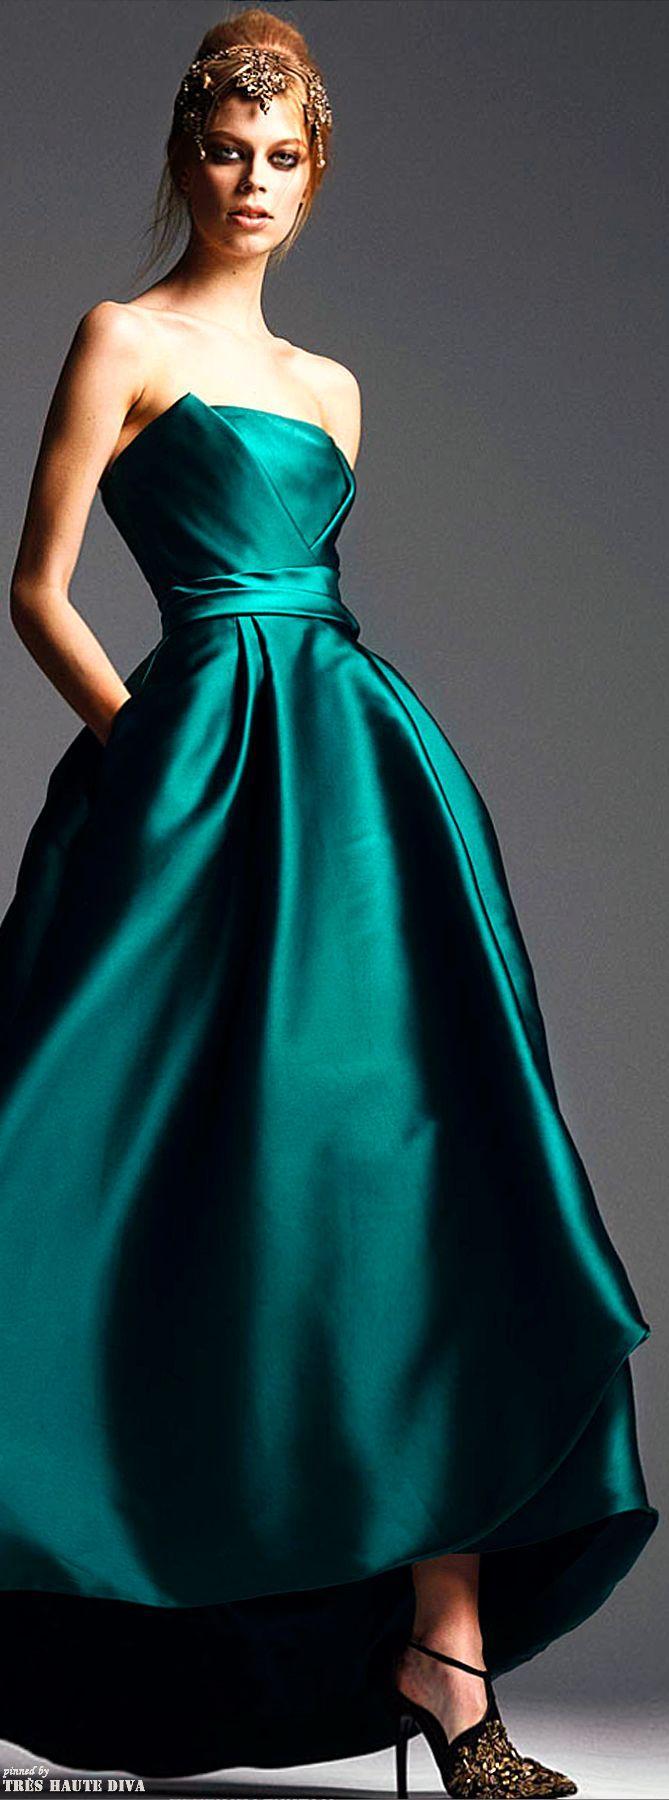 Hochzeit - Alberta Ferretti Pre-Fall 2014 Fashion Show: Complete Collection